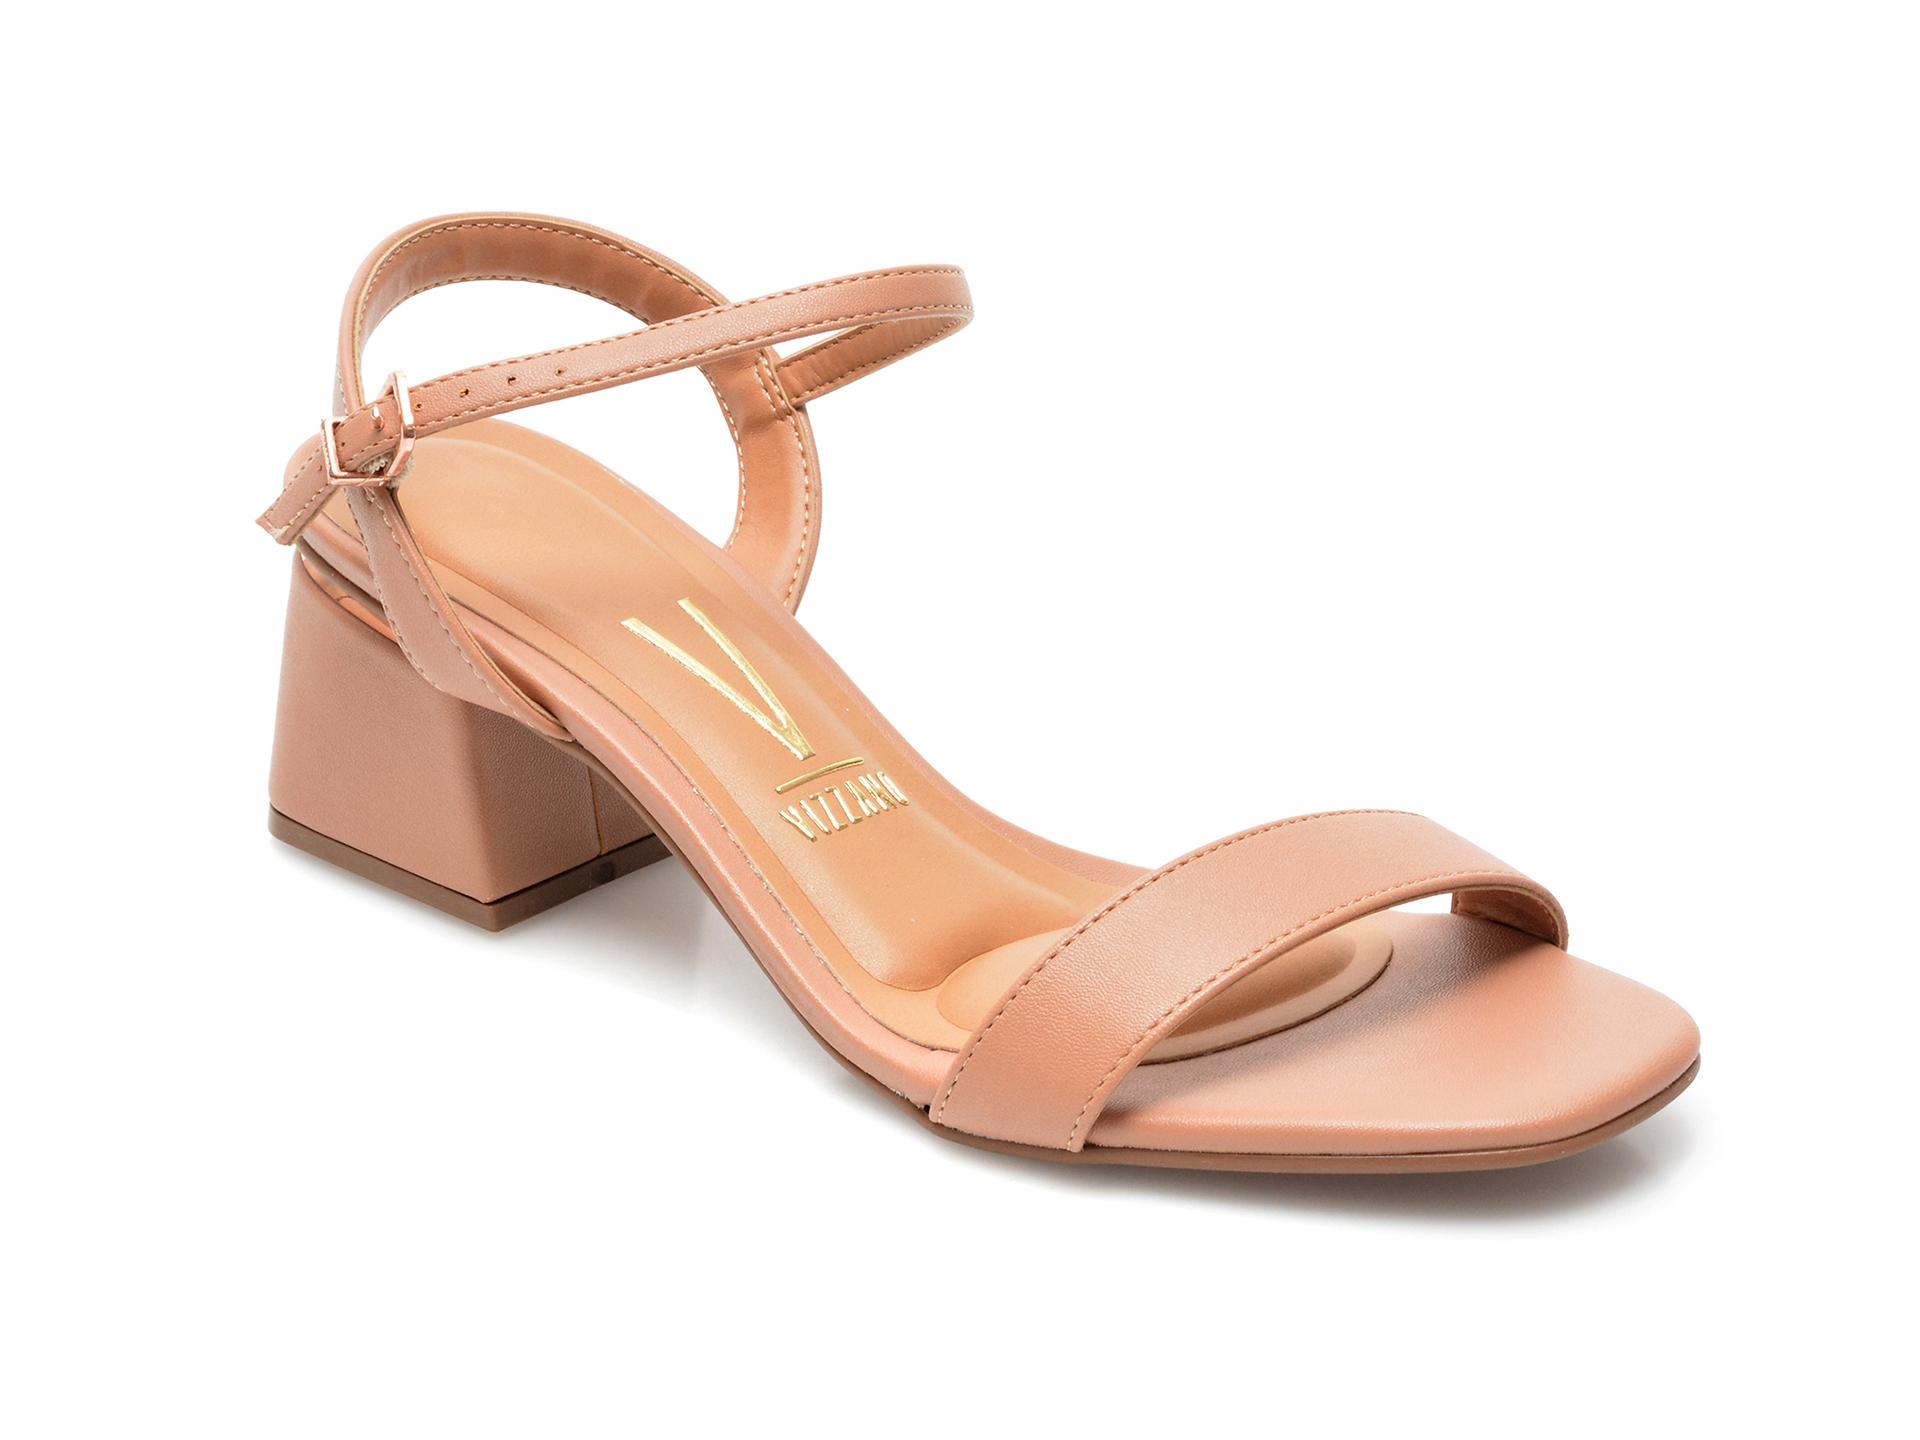 Sandale Vizzano Nude, 6428101, Din Piele Ecologica